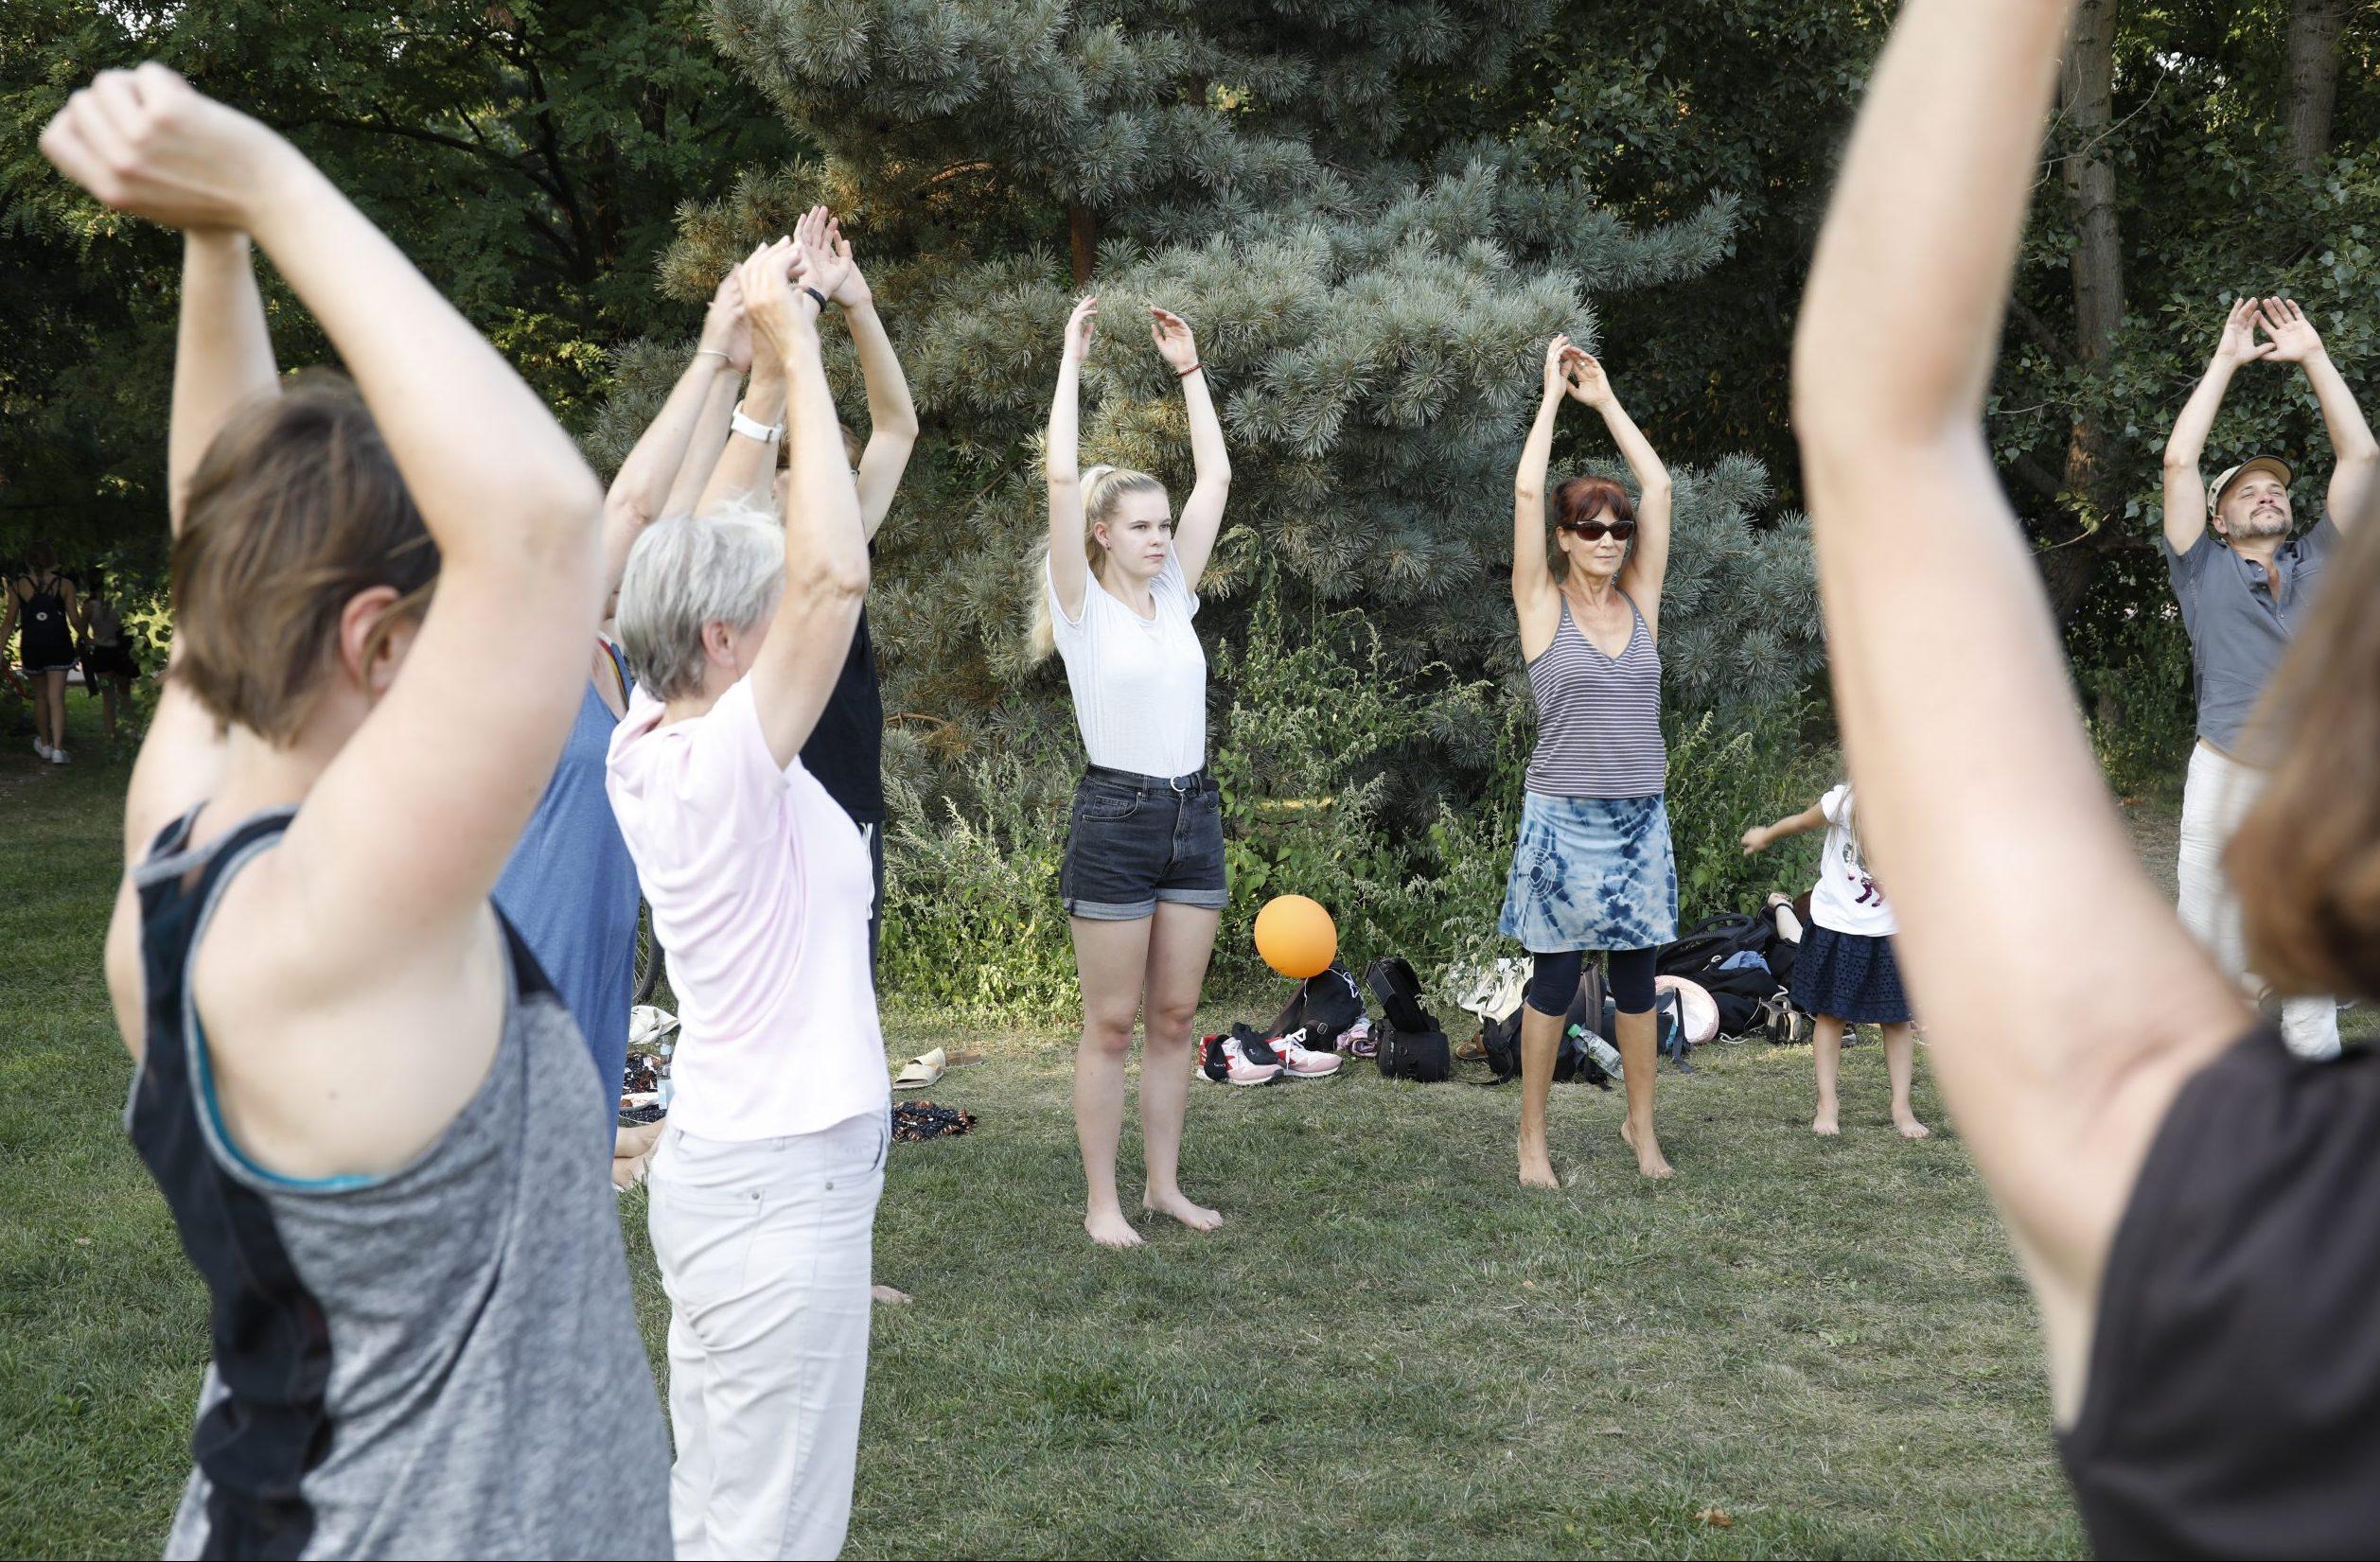 Stadtbewegung Menschen beim Sport im Park Übung